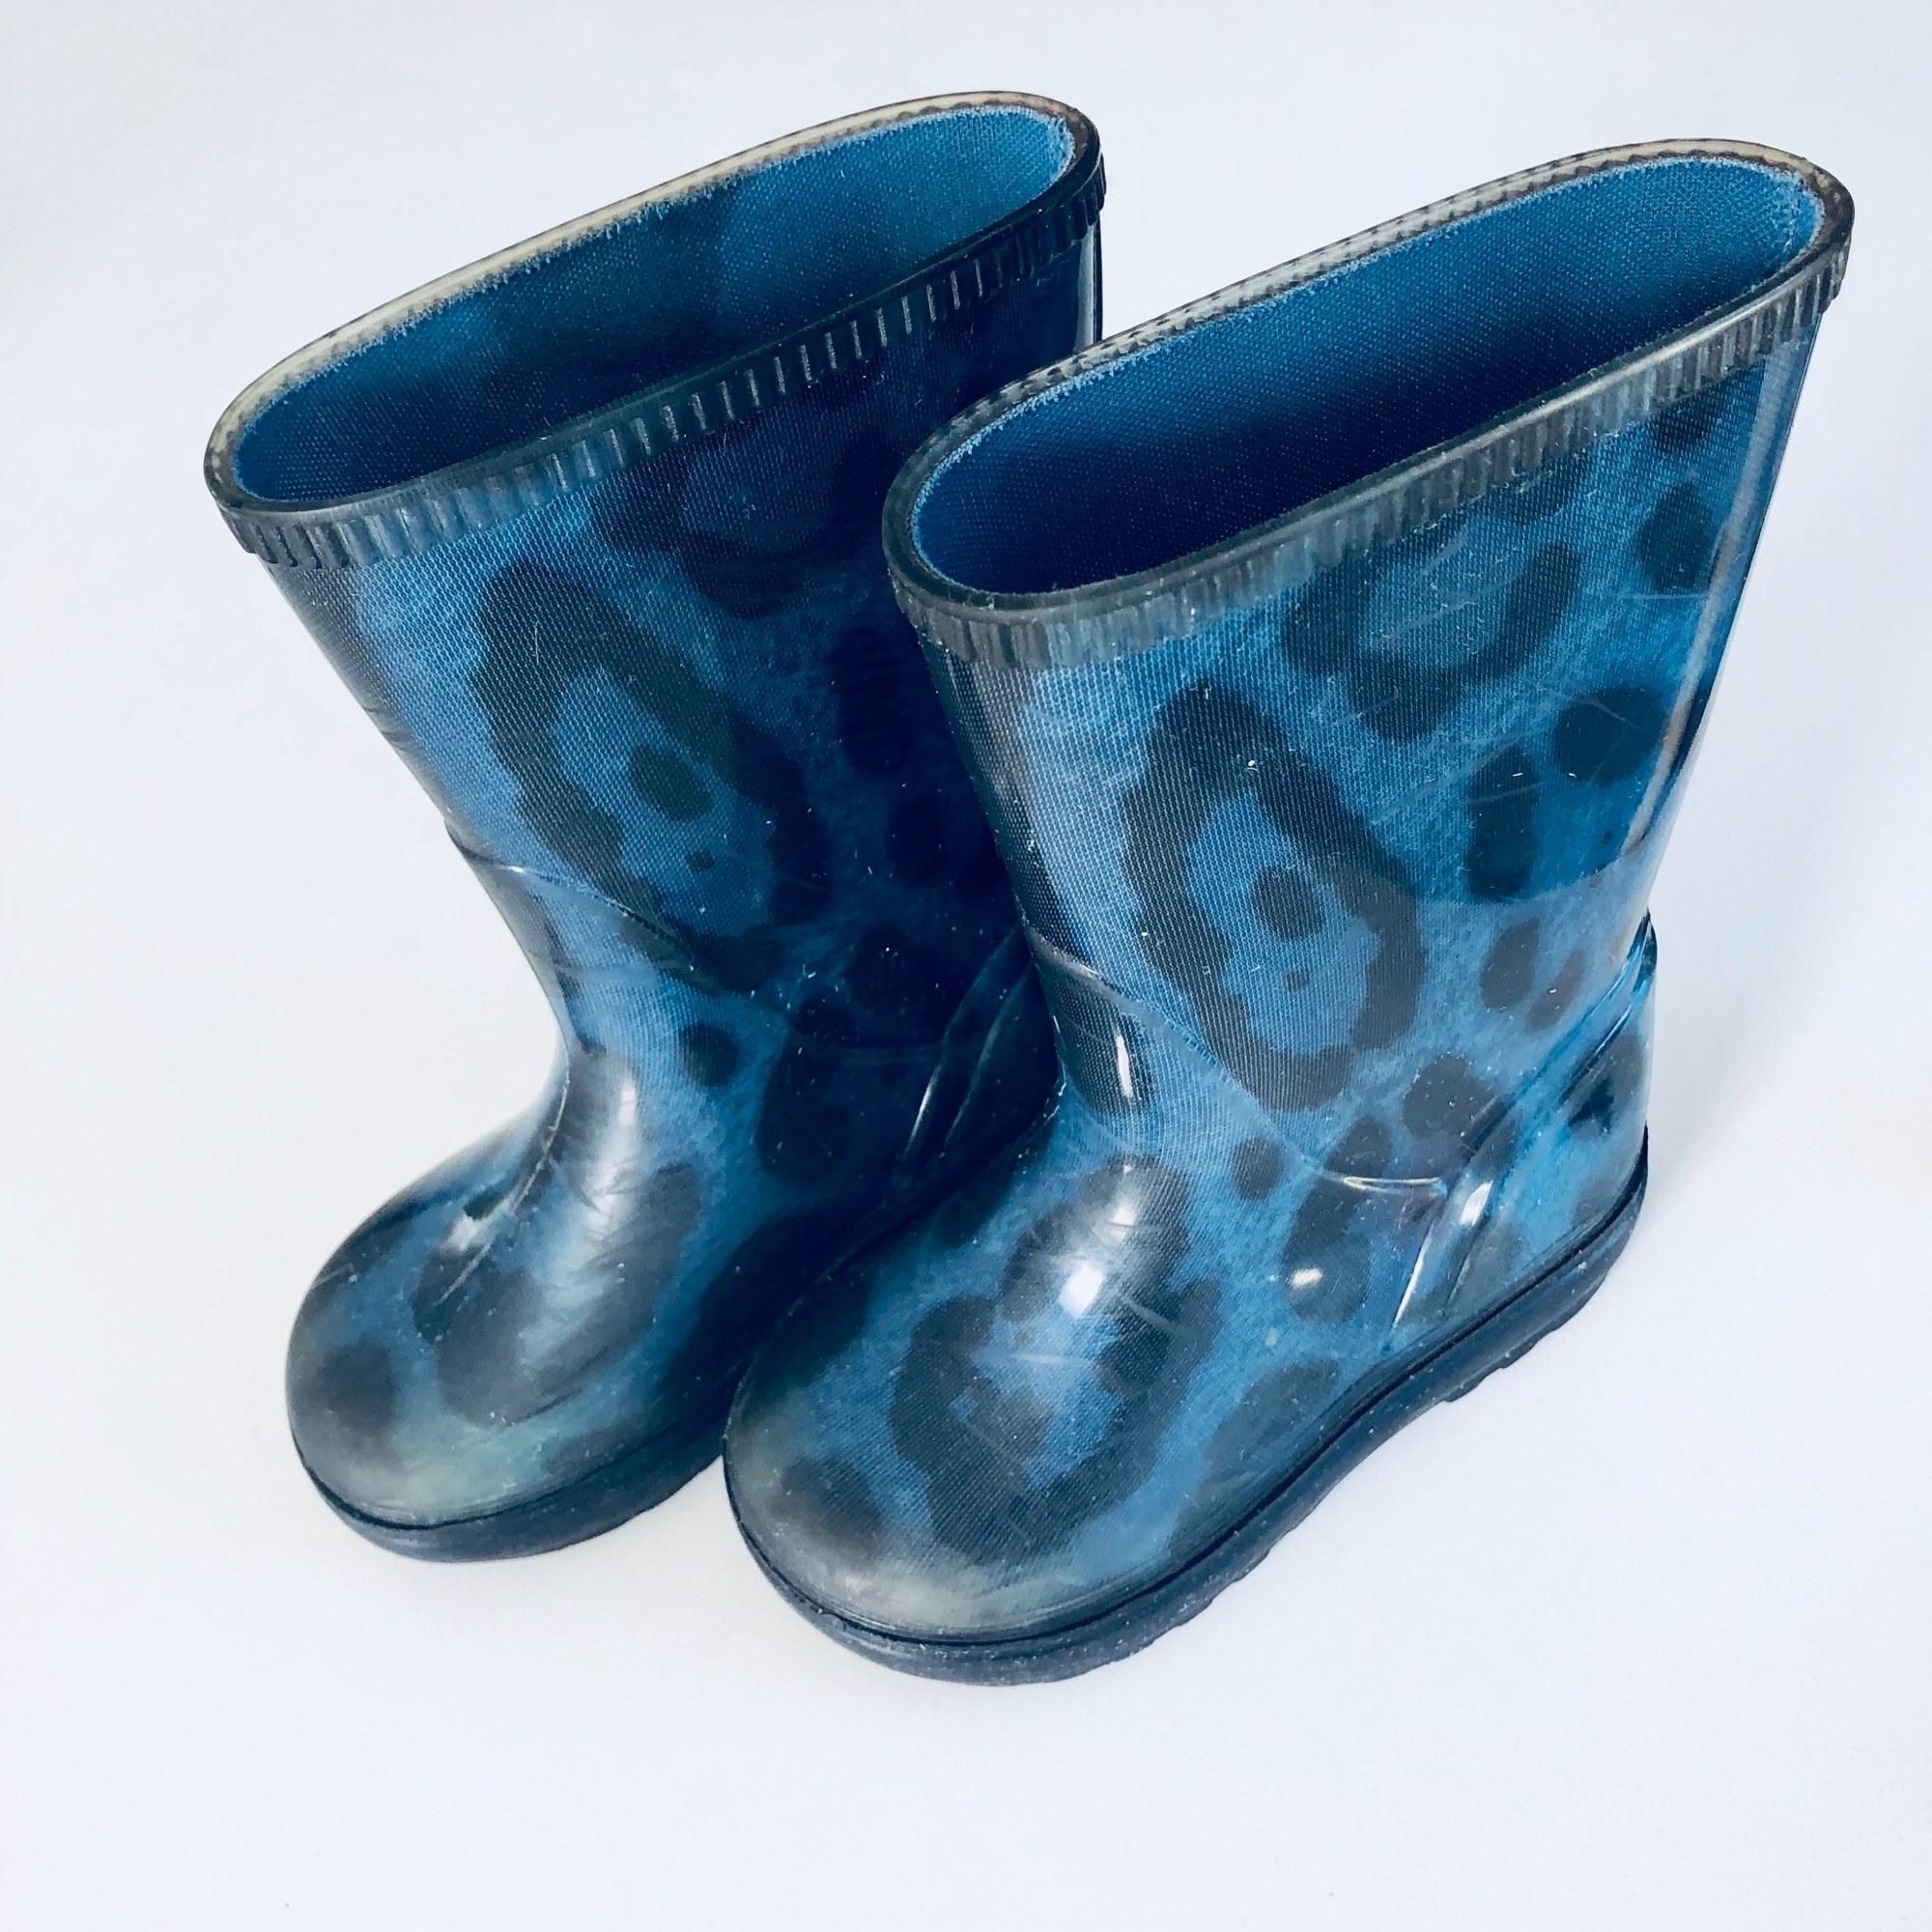 Bottes de pluie DOLCE & GABBANA caoutchouc bleu 24